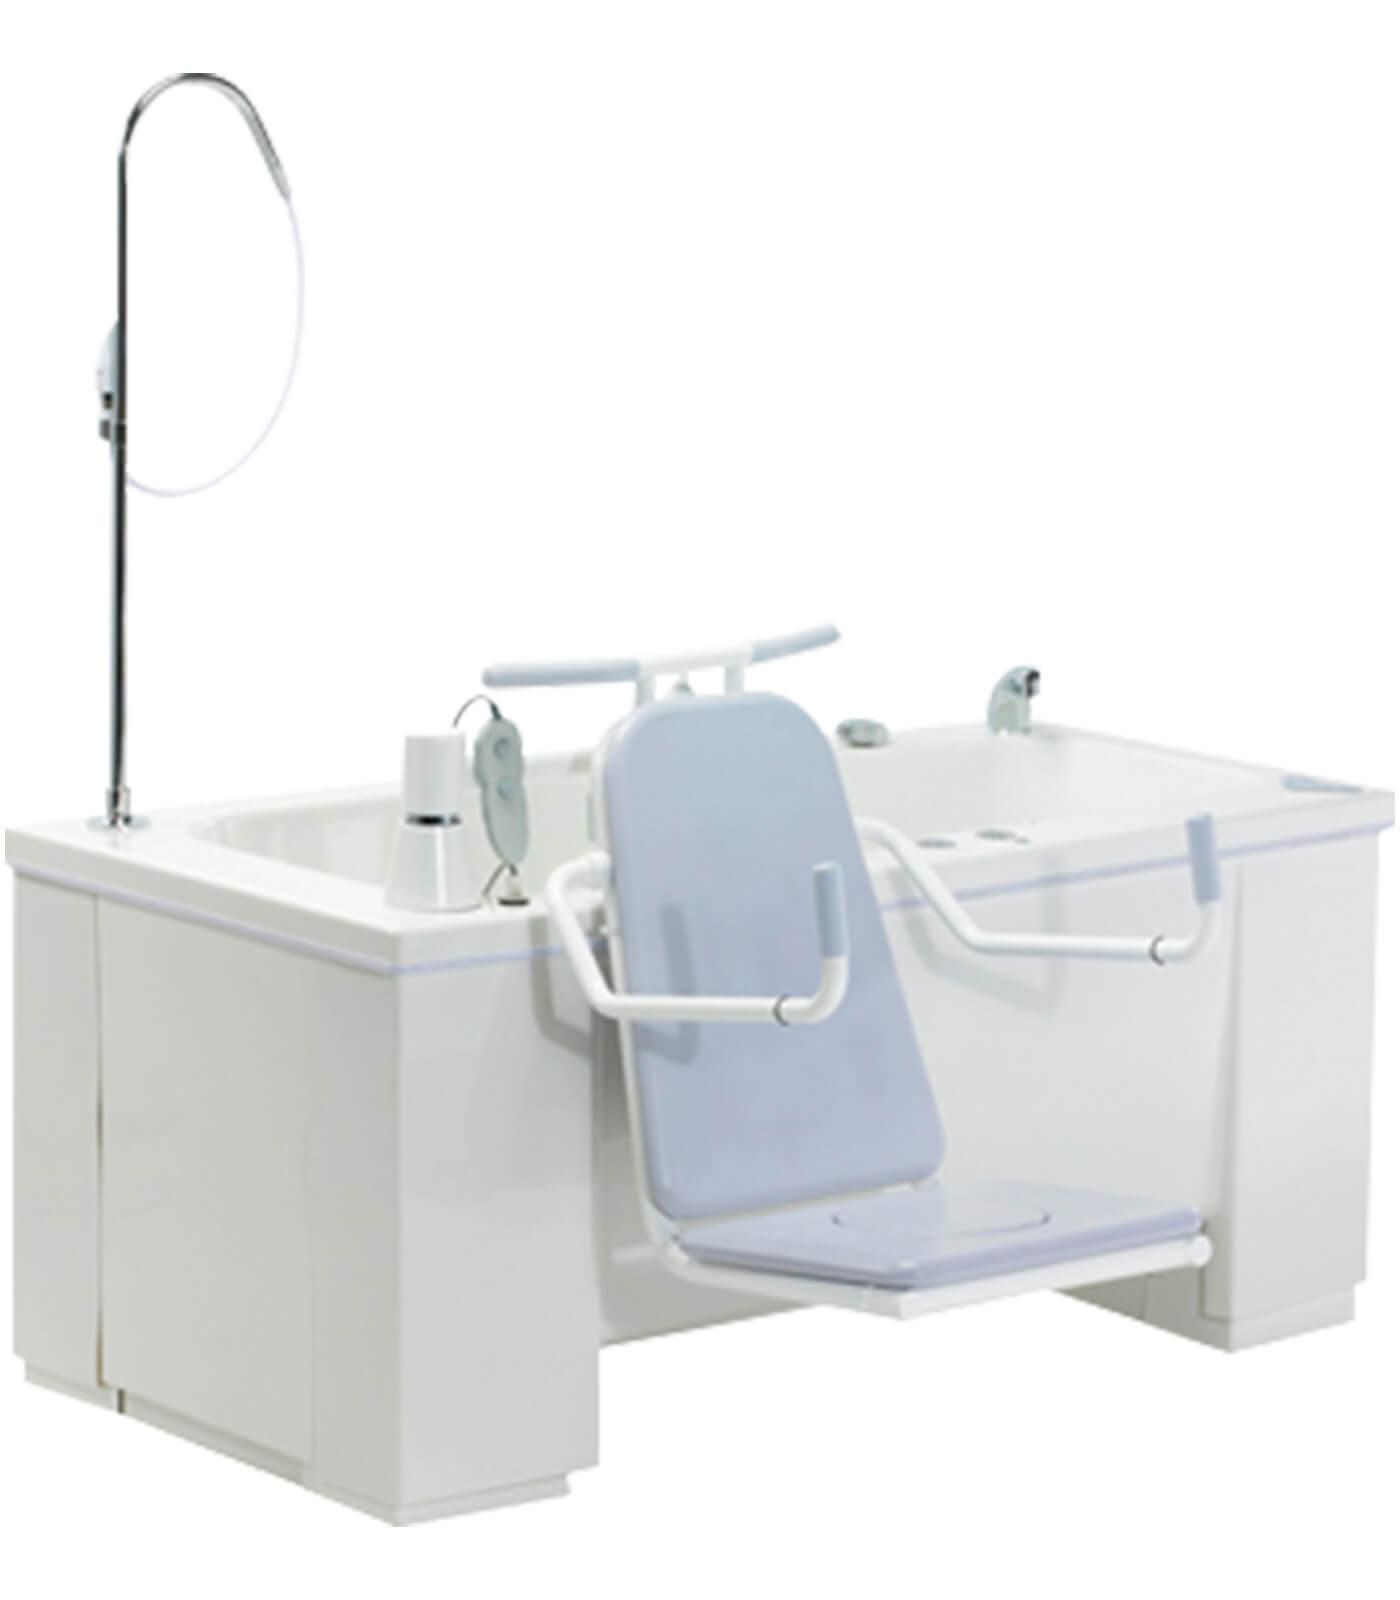 Bañeras con Grúas (Asientos) de acceso y salida para Discapacitados y Personas Mayores